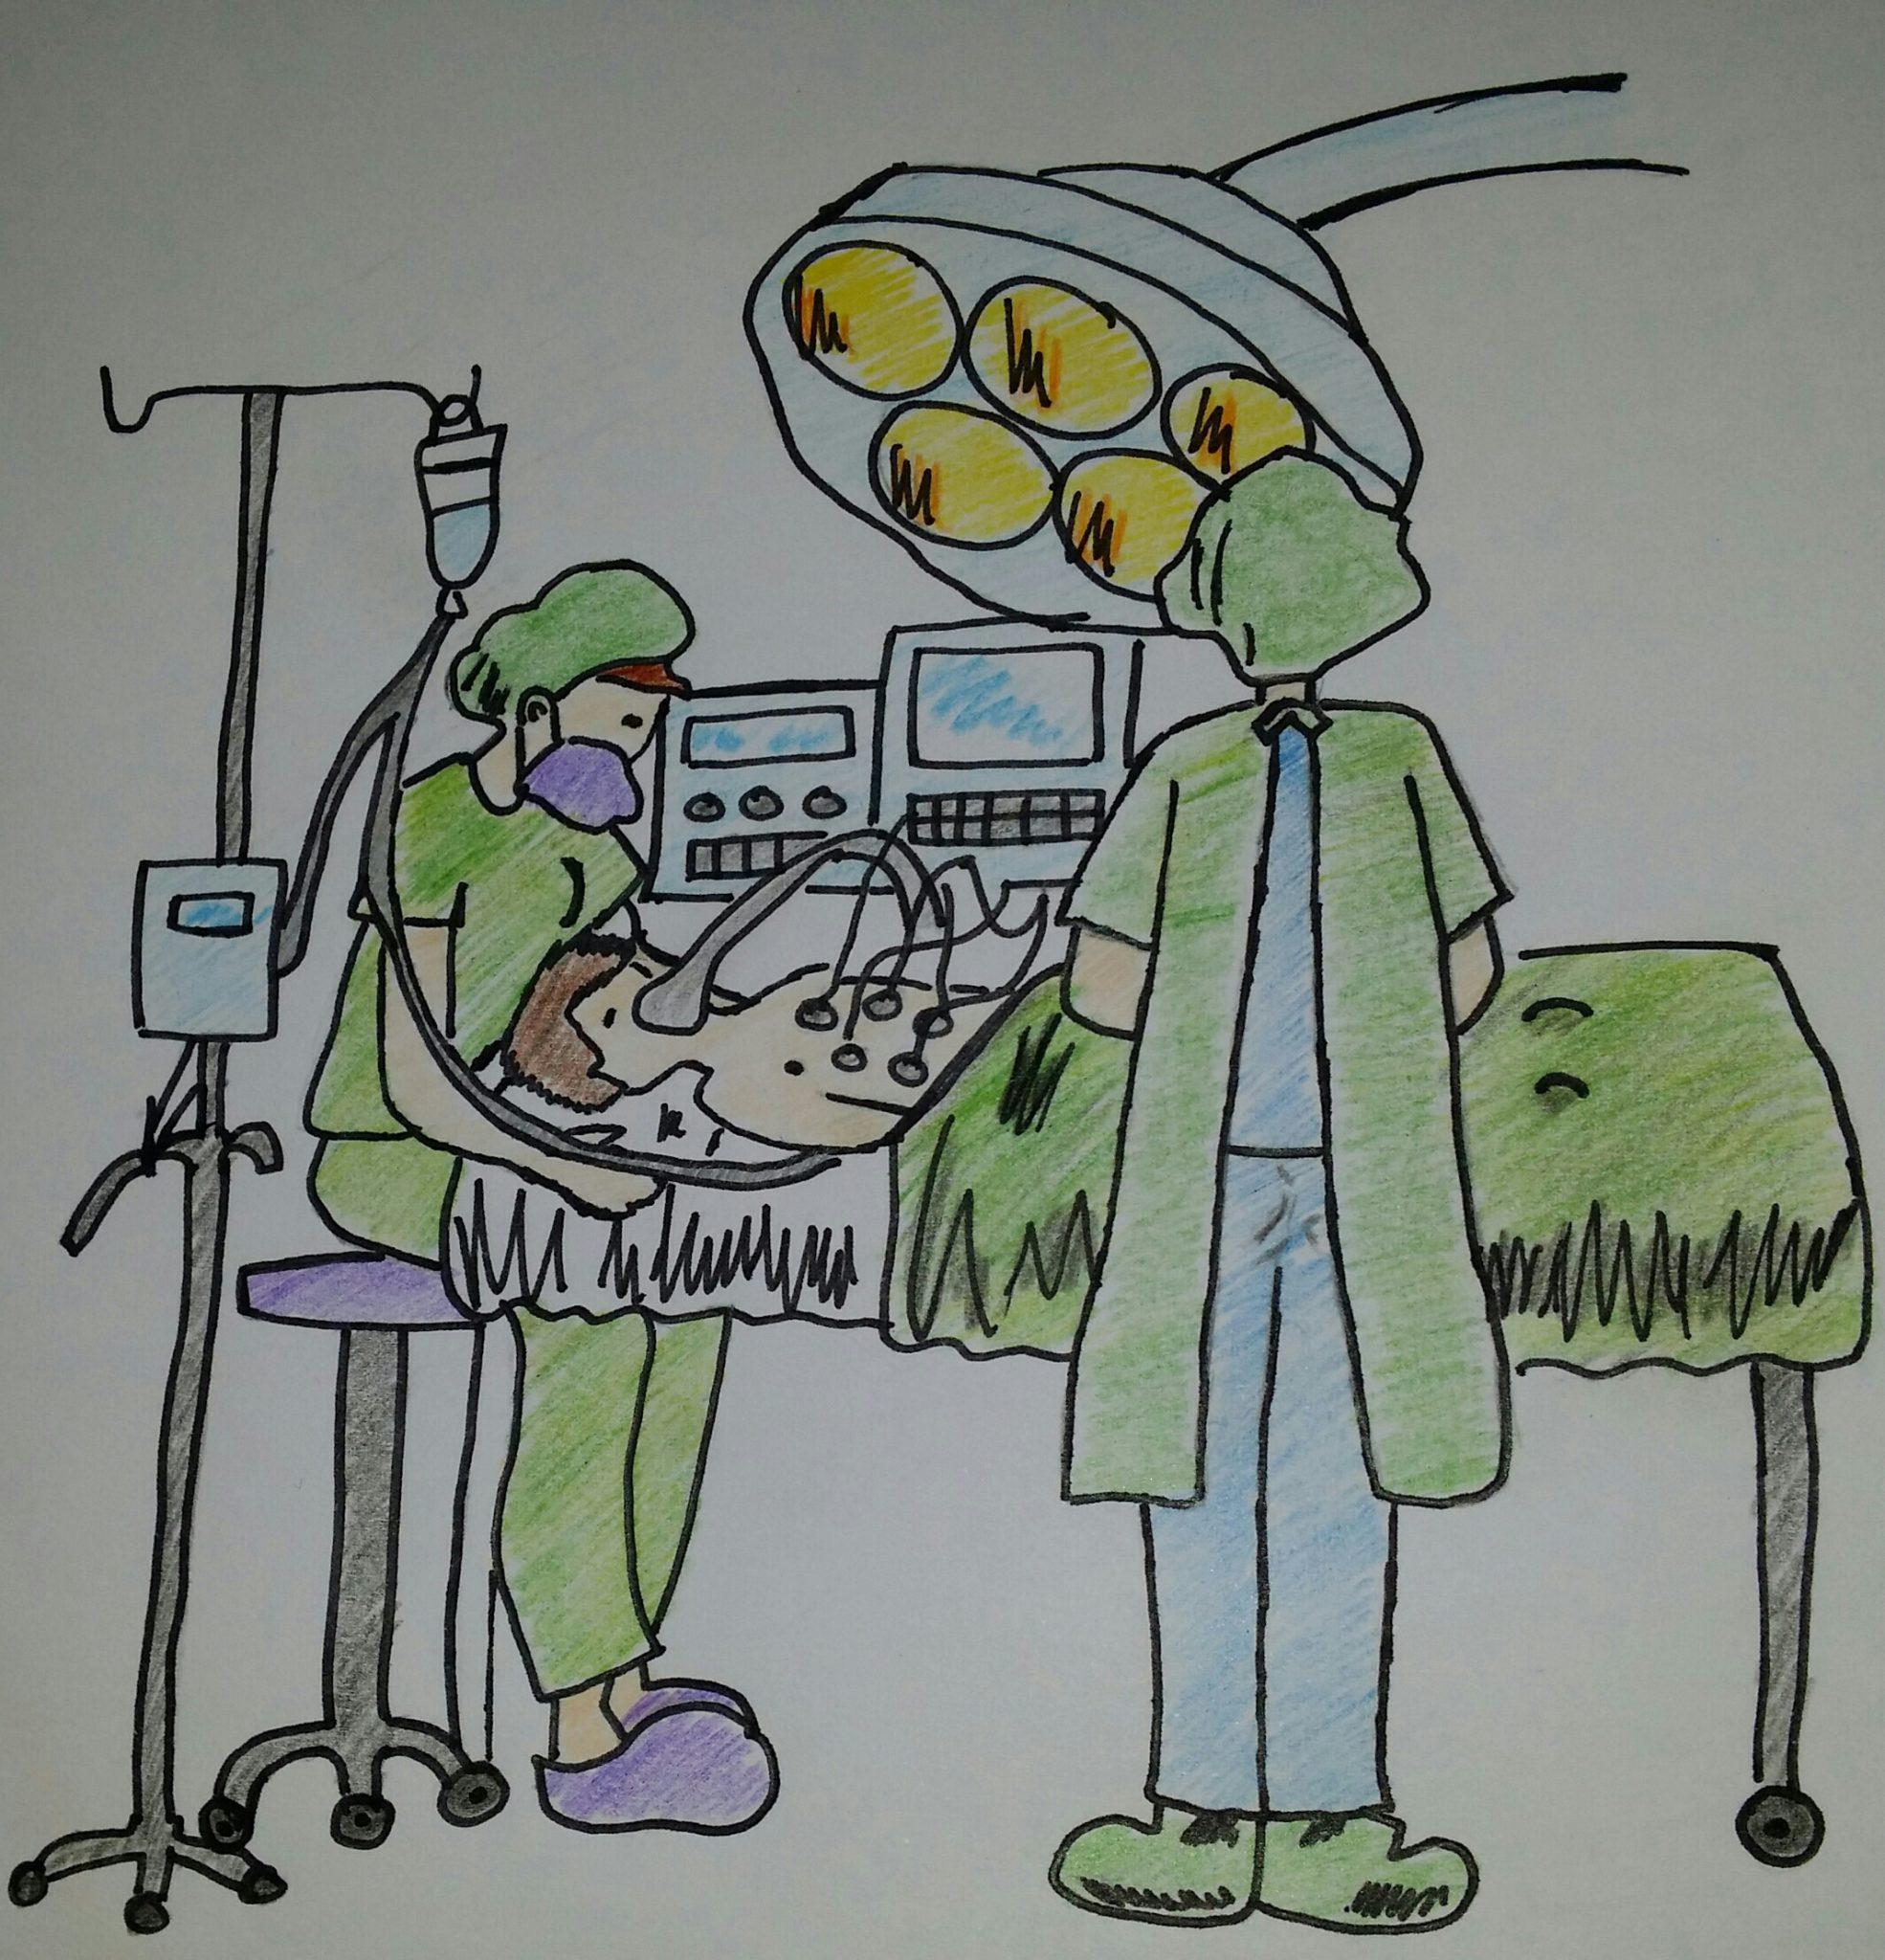 Médicos administrando 15-35 mg/kg/min de Ketamina para anestesiar al paciente durante la operación quirúrgica.